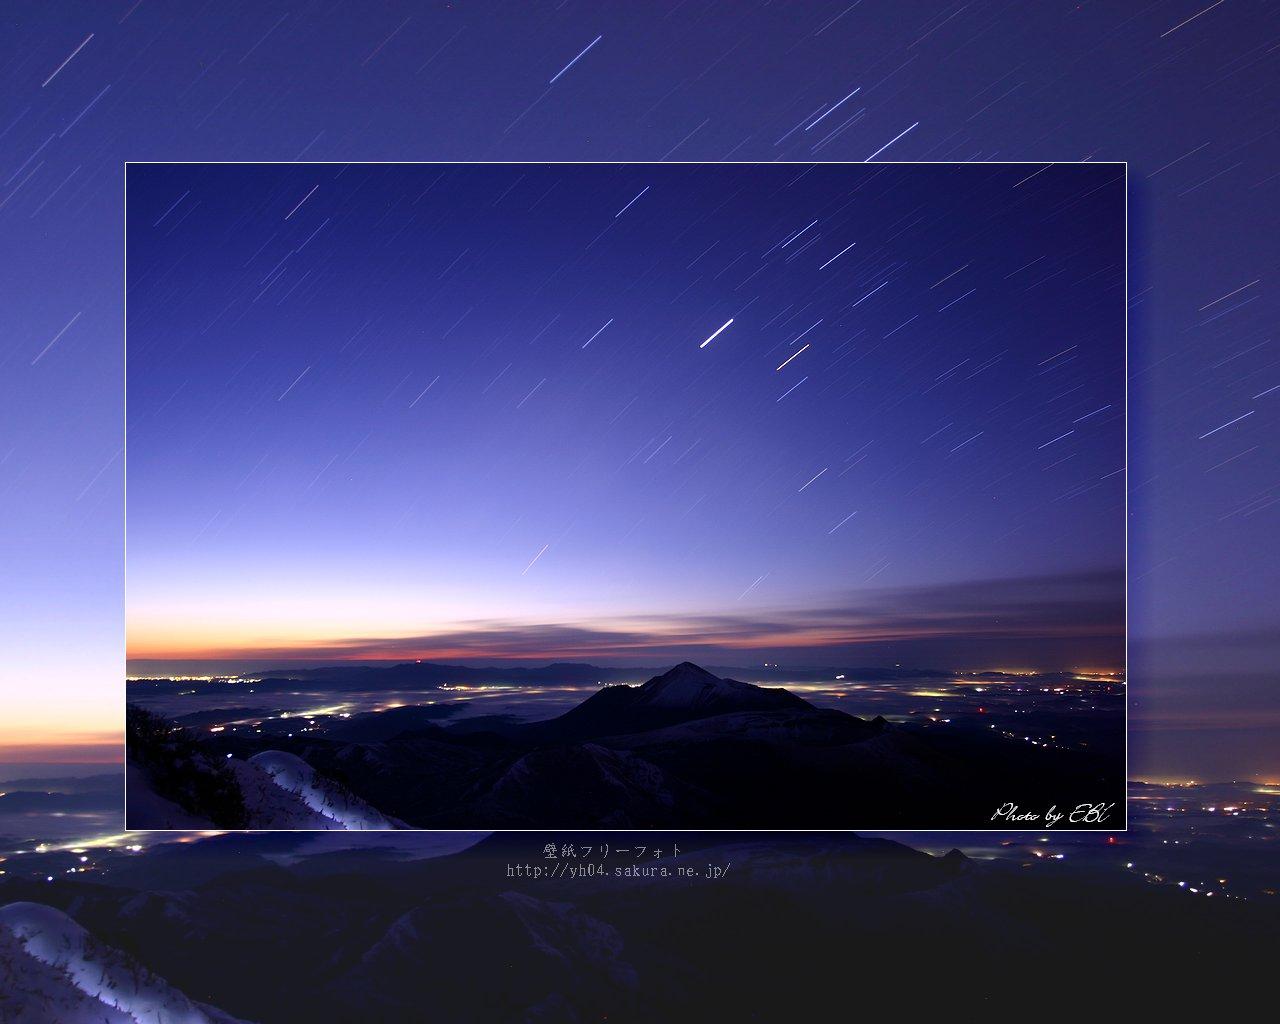 韓国岳 1700m から撮影しました霧島連山 高千穂の峰 の夜明けと星の光跡 高画質 1280 1024 デスクトップ無料壁紙